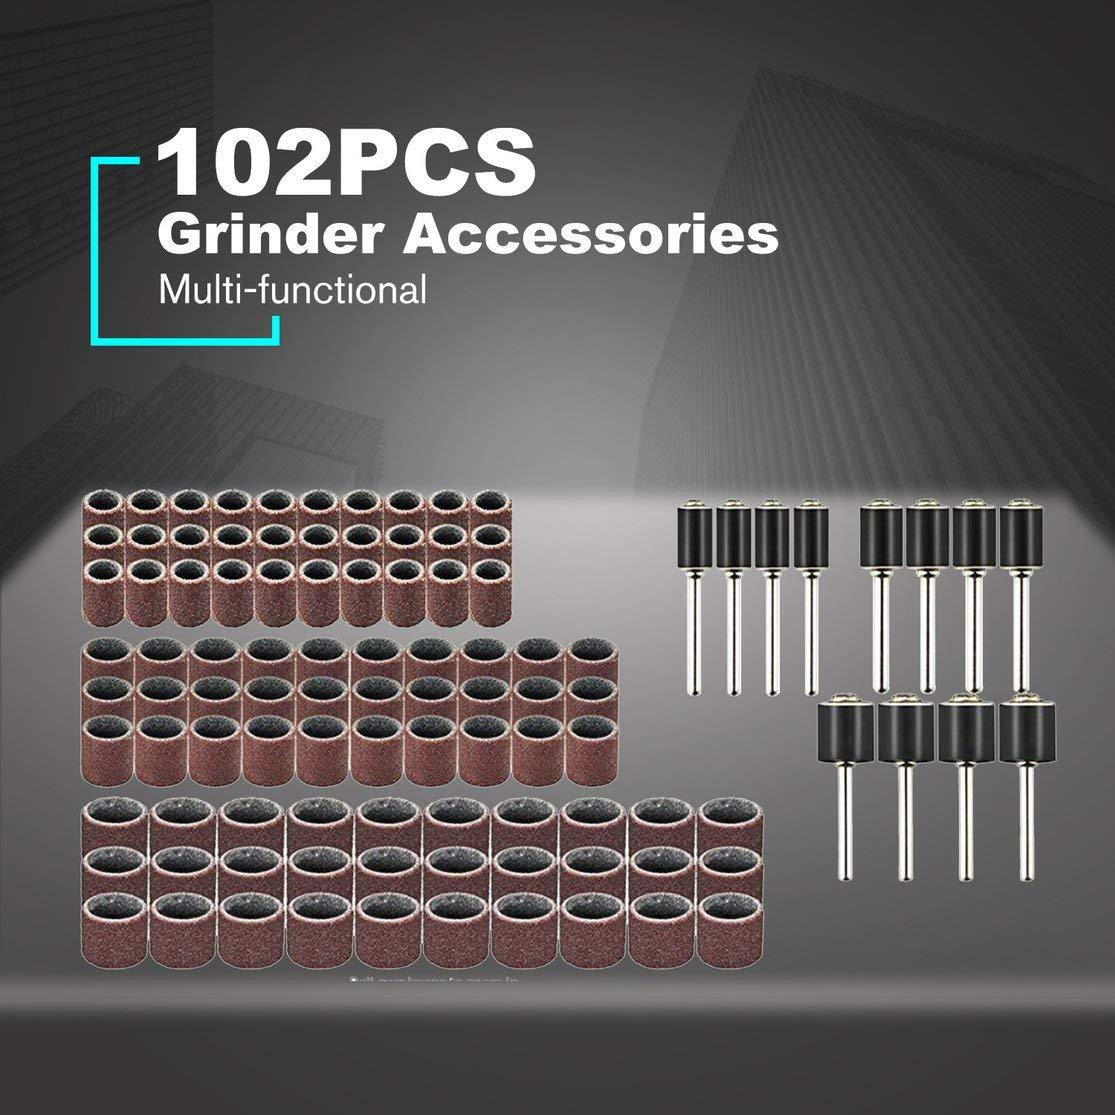 Color: multicolor 102pcs Juego de herramientas el/éctricas rotativas Mini taladro amoladora Kit de pulido Accesorios Bandas de lijado Mandriles de trabajo de madera Kaemma